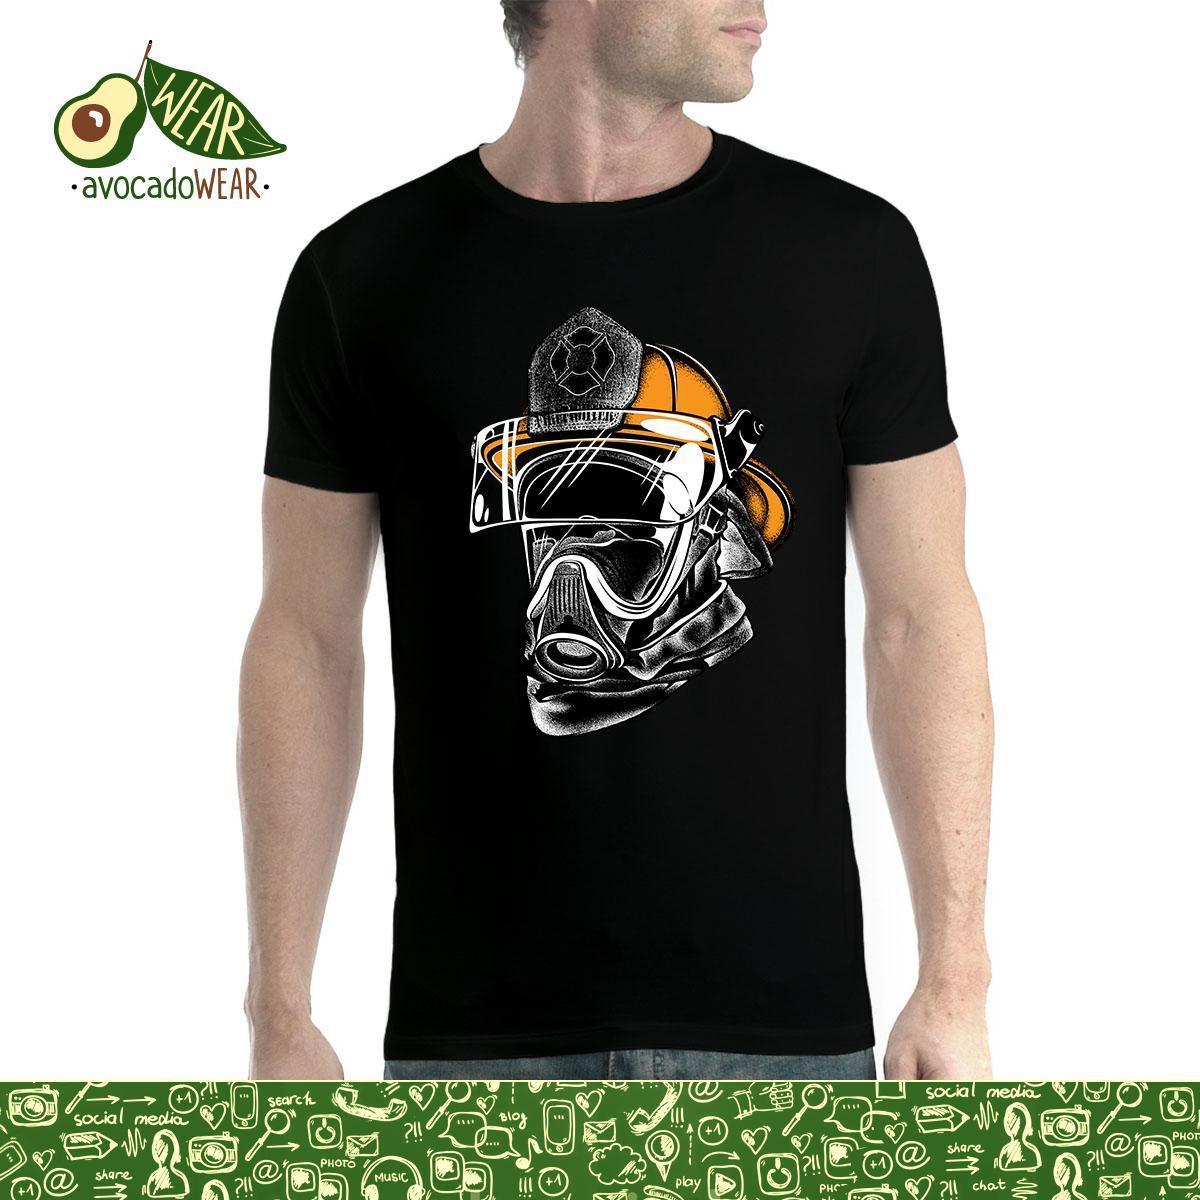 7300af59e161f Compre Máscara De Bombero Casco De Bomberos Para Hombre Camiseta XS 3XL  Camiseta De Manga Corta Tops De Algodón Puro Cuello Redondo Para Hombres  Camiseta ...